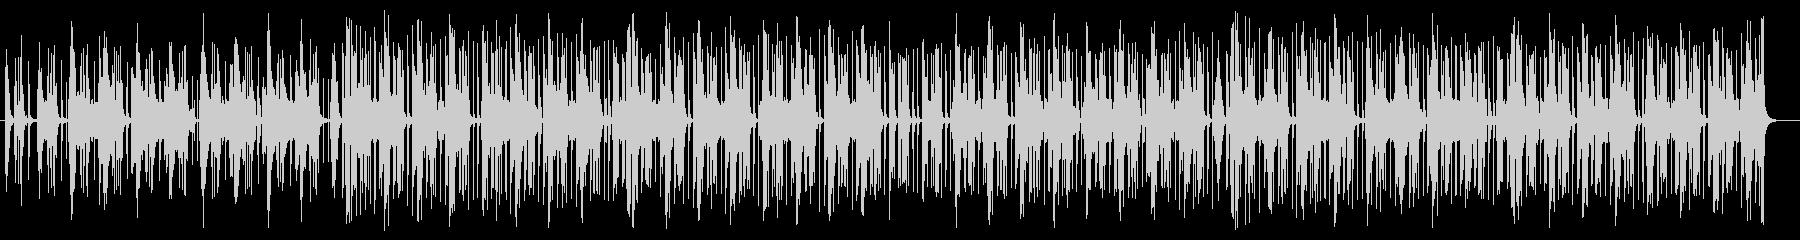 ミディアムテンポなシンセサイザー曲の未再生の波形